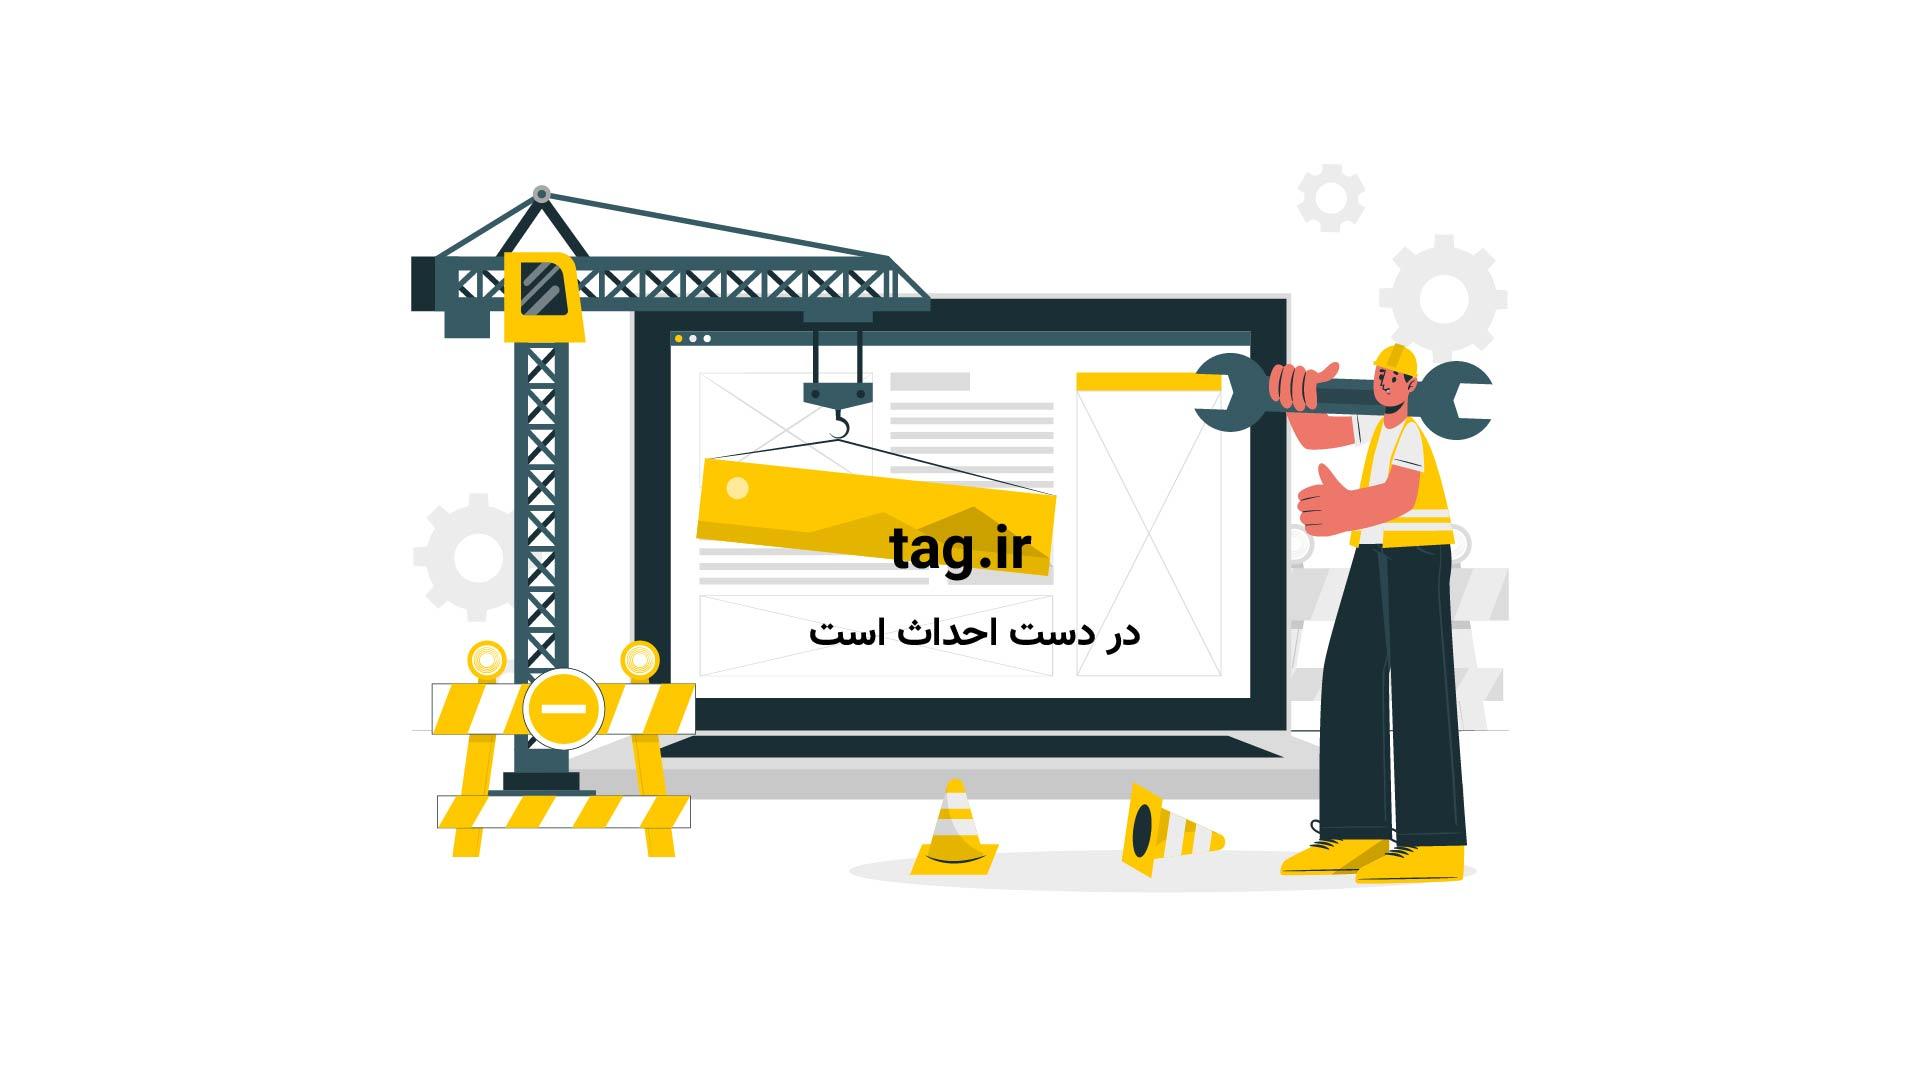 اگر با ماشین از پشت موتور بویینگ 747 عبور کنید چه اتفاقی می افتد | فیلم